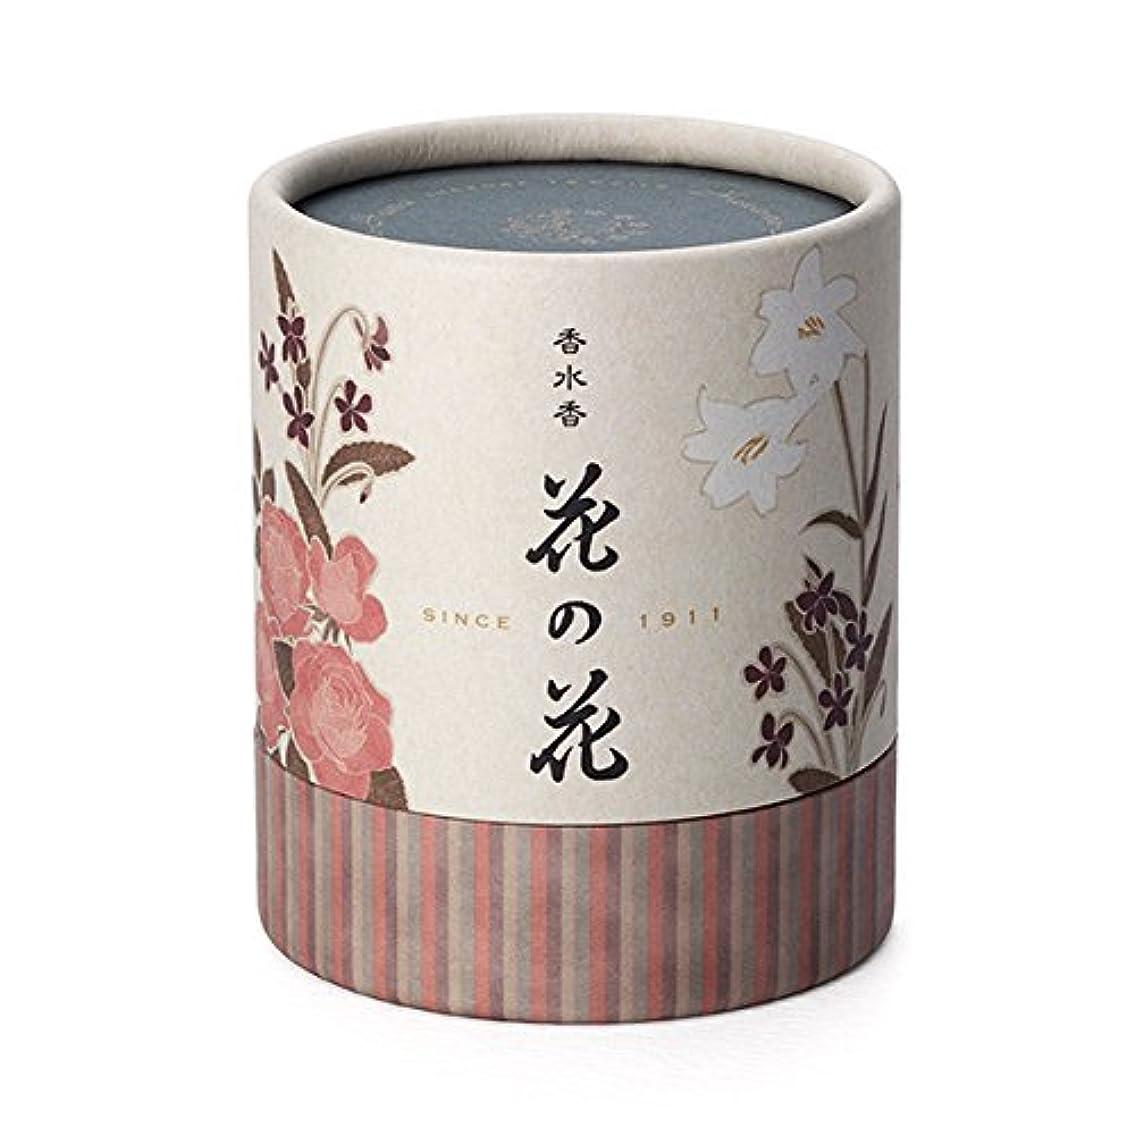 変わる宴会チート日本香堂 香水香 花の花 3種入 うず巻12巻入 香立付( 30003)